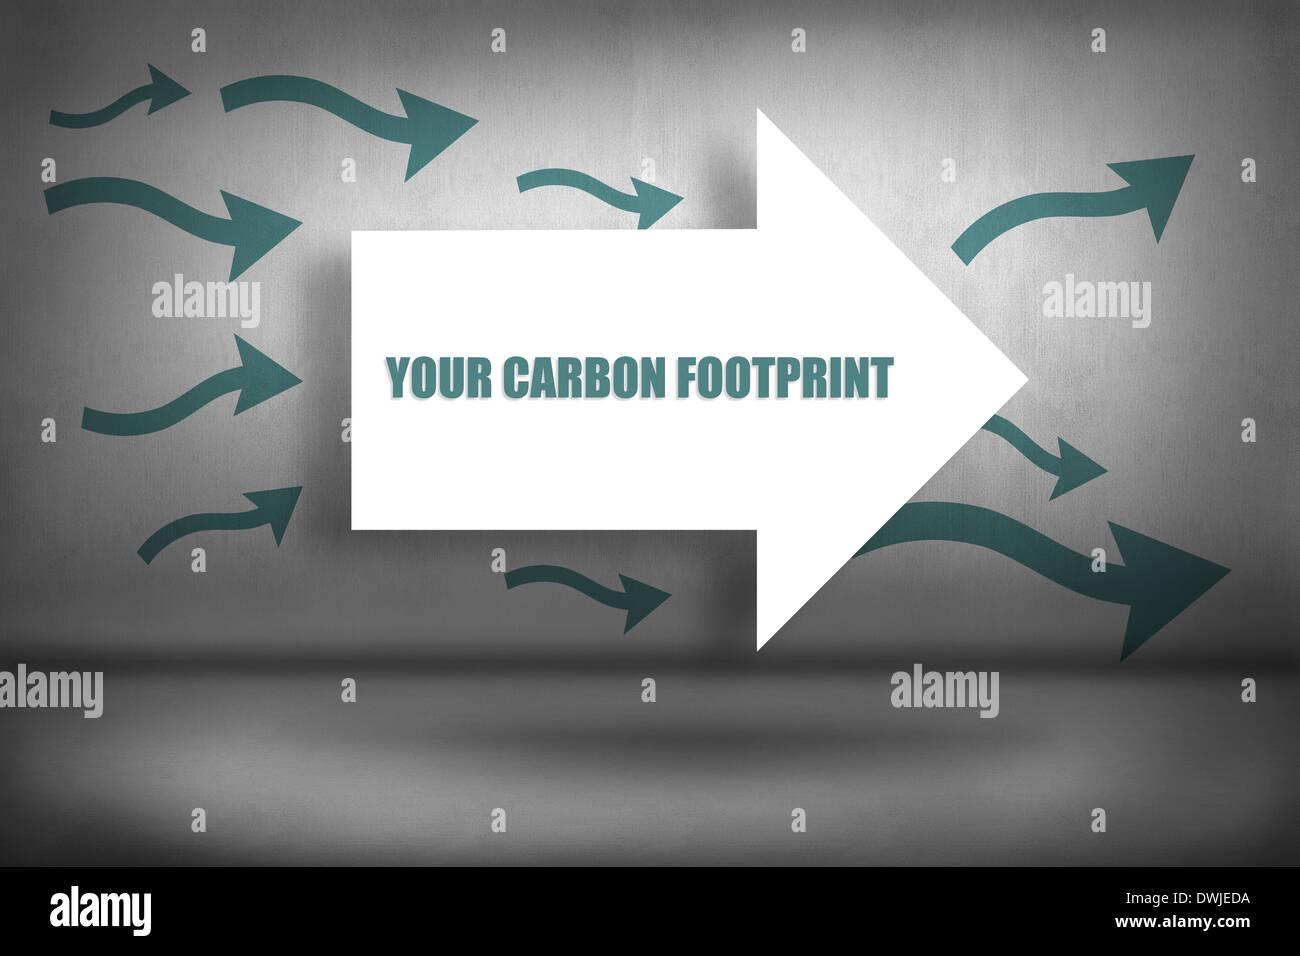 La vostra impronta di carbonio contro le frecce rivolte Immagini Stock